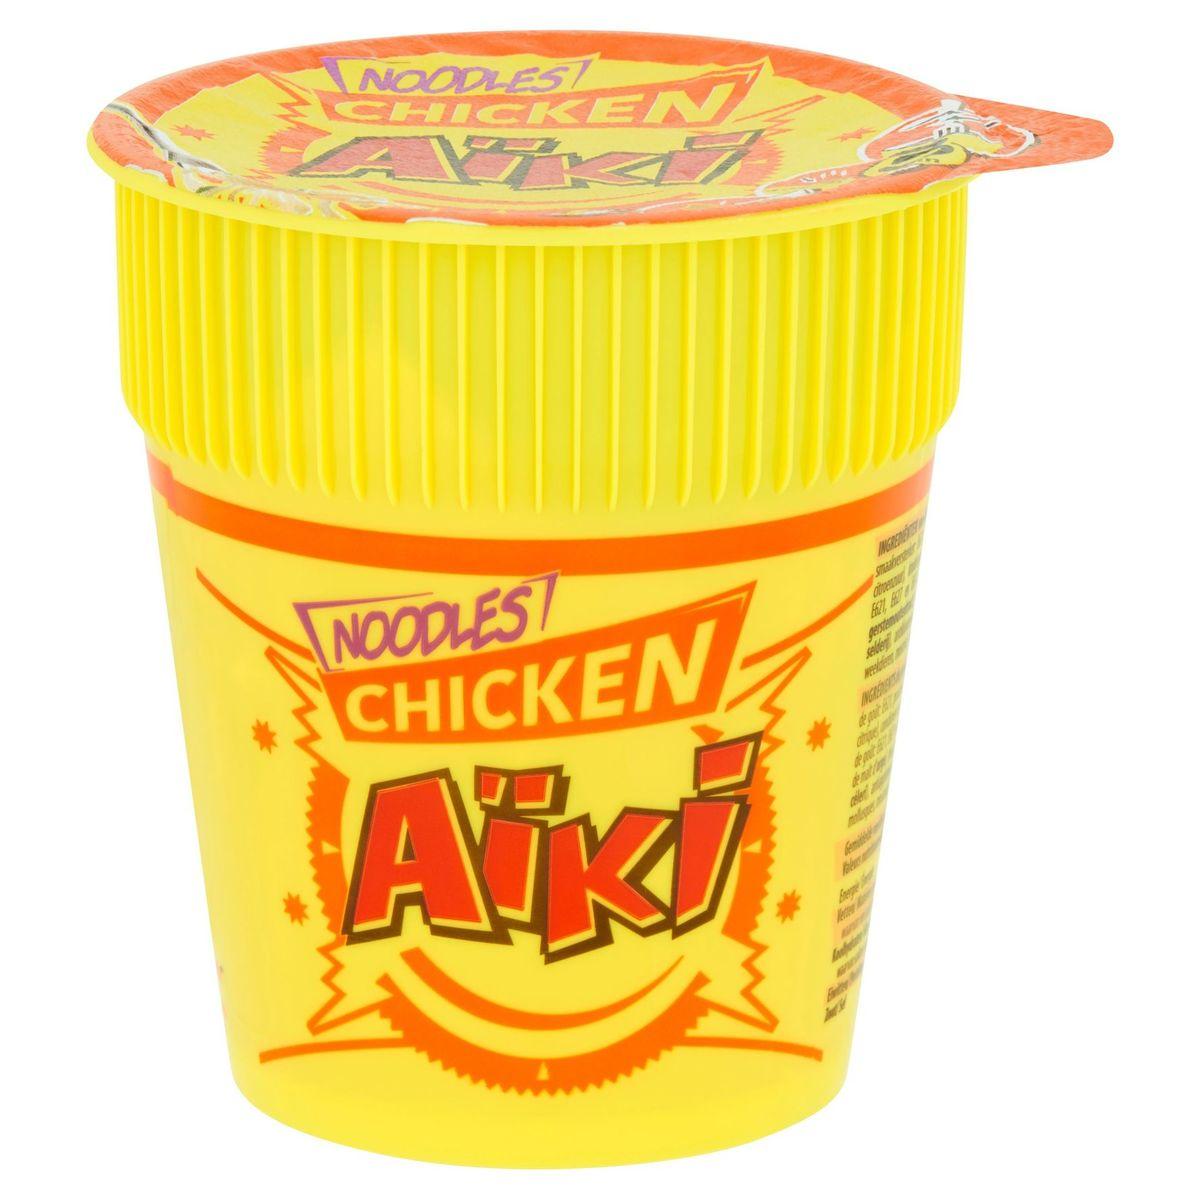 Aïki Noodles Chicken 73 g